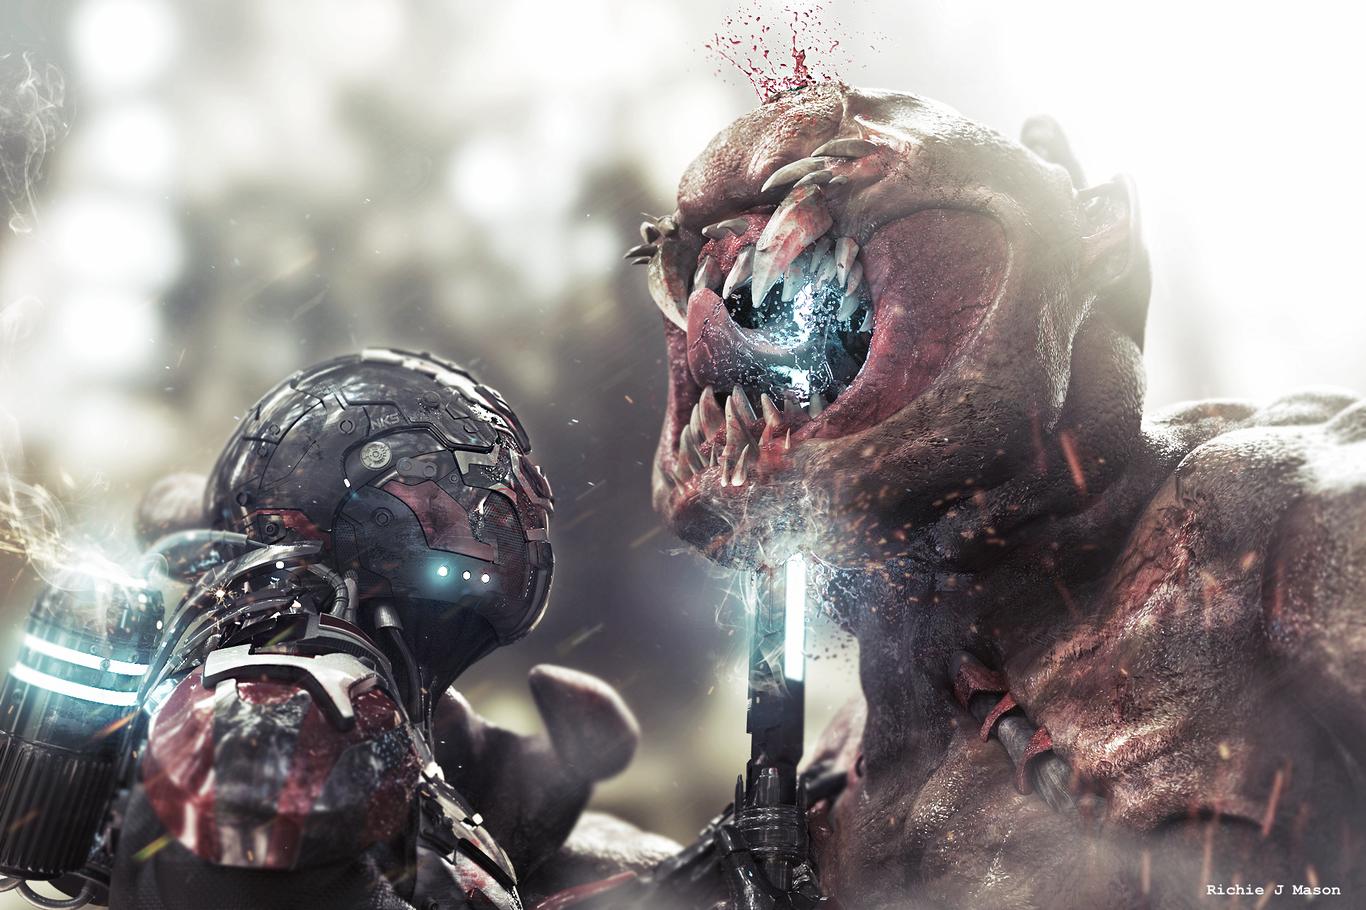 Richenks nks mk ix vs alien t 1 5e2f8201 djjk